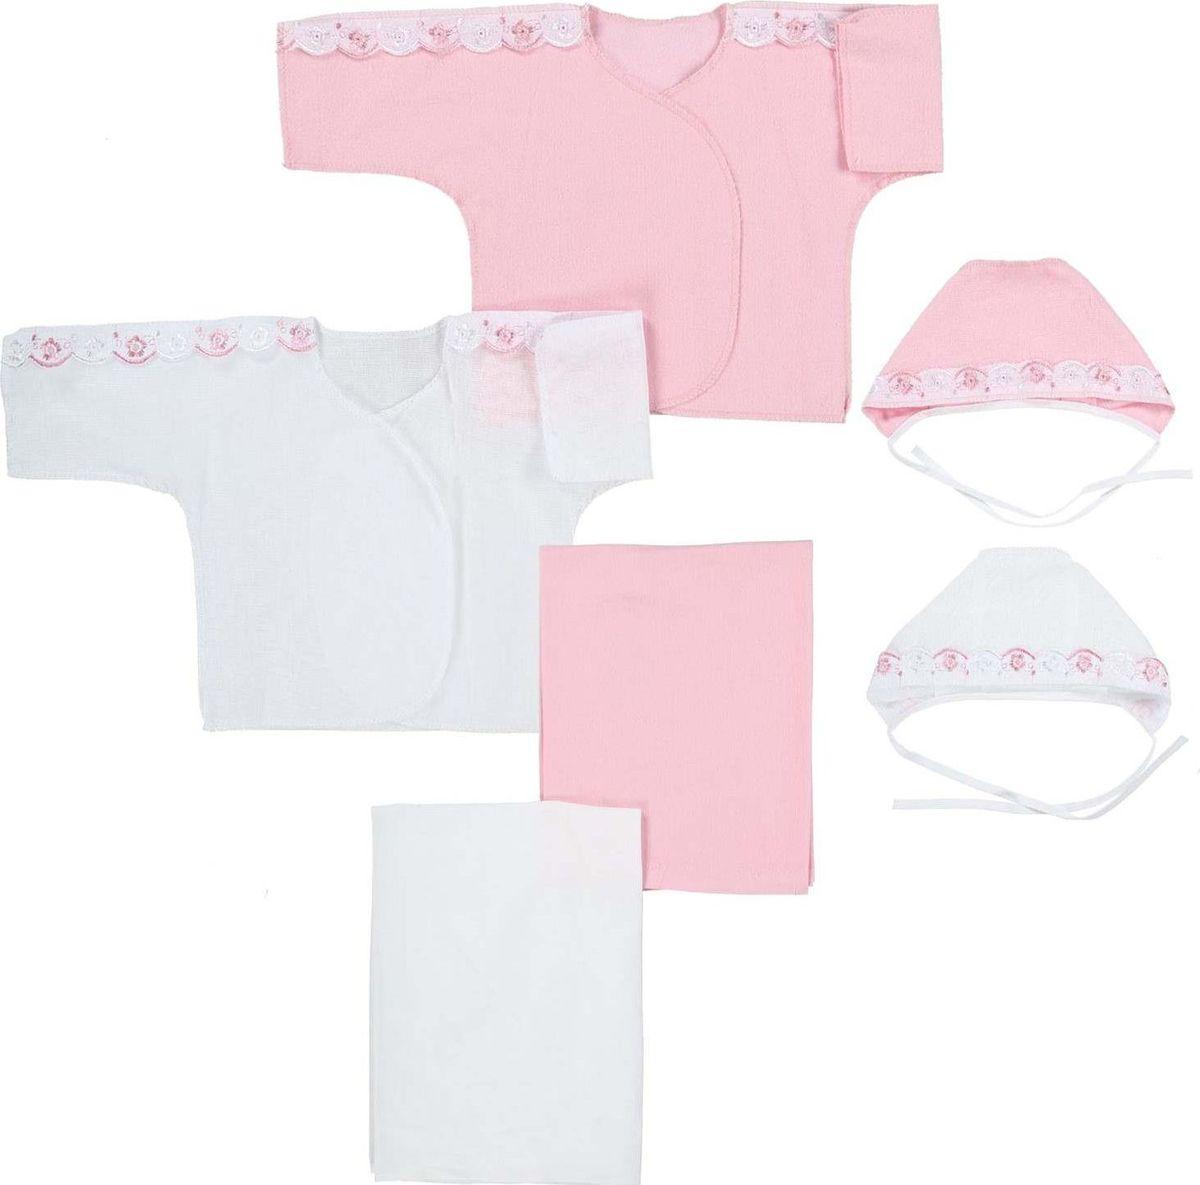 Комплект одежды Грачонок комплект для крещения детский трон плюс рубашка чепчик пеленка цвет белый 1417 размер 62 3 месяца